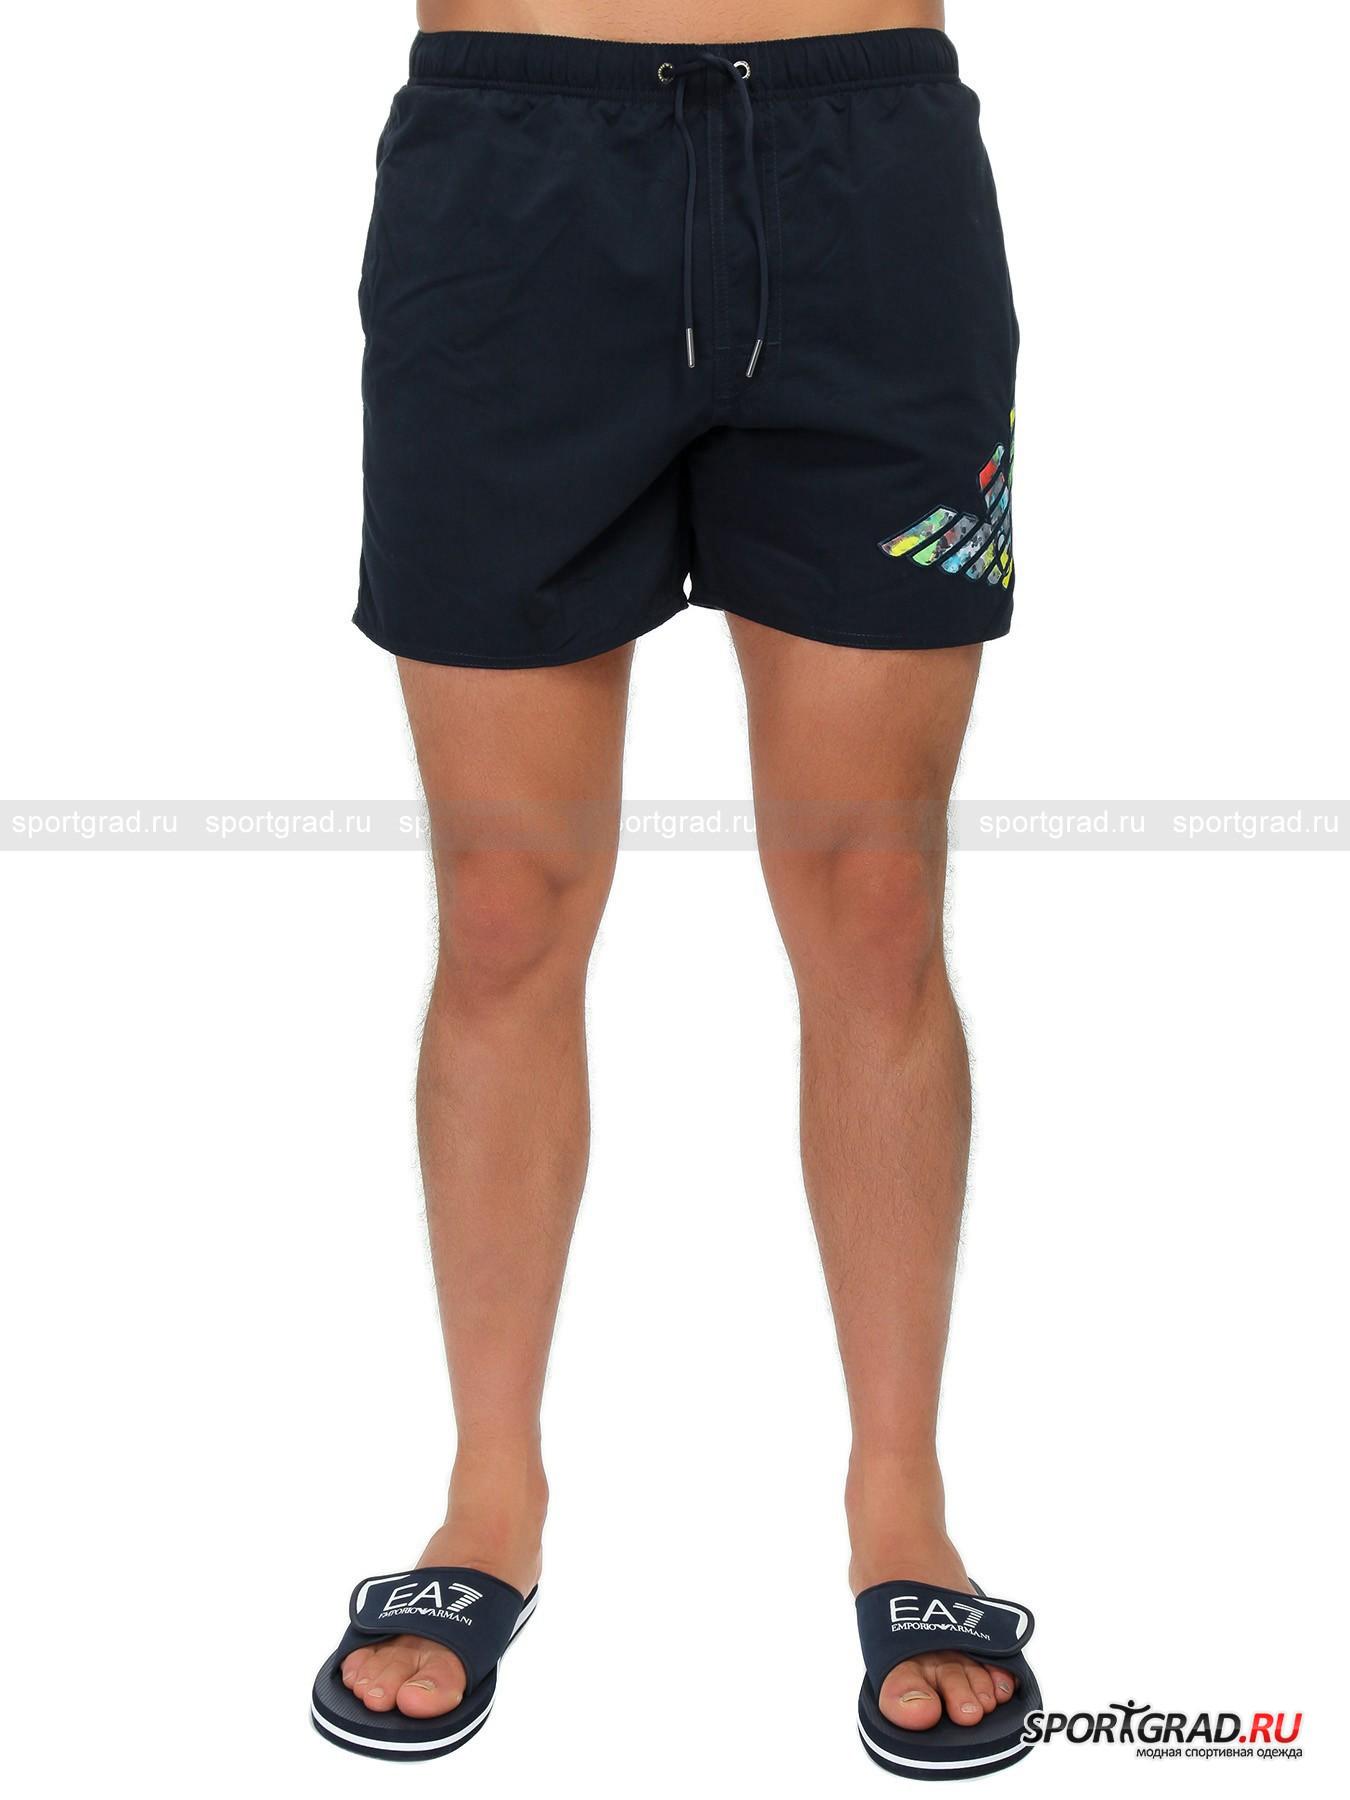 Шорты мужские EMPORIO ARMANIШорты, Велосипедки<br>Сшитые из мягкой быстросохнущей ткани плавательные шорты Emporio Armani. Материал с матовой фактурой, из которого они выполнены, очень приятен на ощупь и весьма долговечен. Шорты имеют 2 прорезных кармана, плотный притачной пояс со шнурком, сетчатые трусы и аккуратные вырез по бокам снизу. Модель дополнена стильной металлической фурнитурой с символикой Emporio Armani и оригинальной цветной эмблемой Giorgio Armani спереди.  <br><br>Полуобхват пояса: 39 (размер48).<br><br>Пол: Мужской<br>Возраст: Взрослый<br>Тип: Шорты, Велосипедки<br>Рекомендации по уходу: Деликатная ручная стирка при температуре 30 градусов, щадящий ручной отжим, сушить в тени.<br>Состав: 100% полиэстер